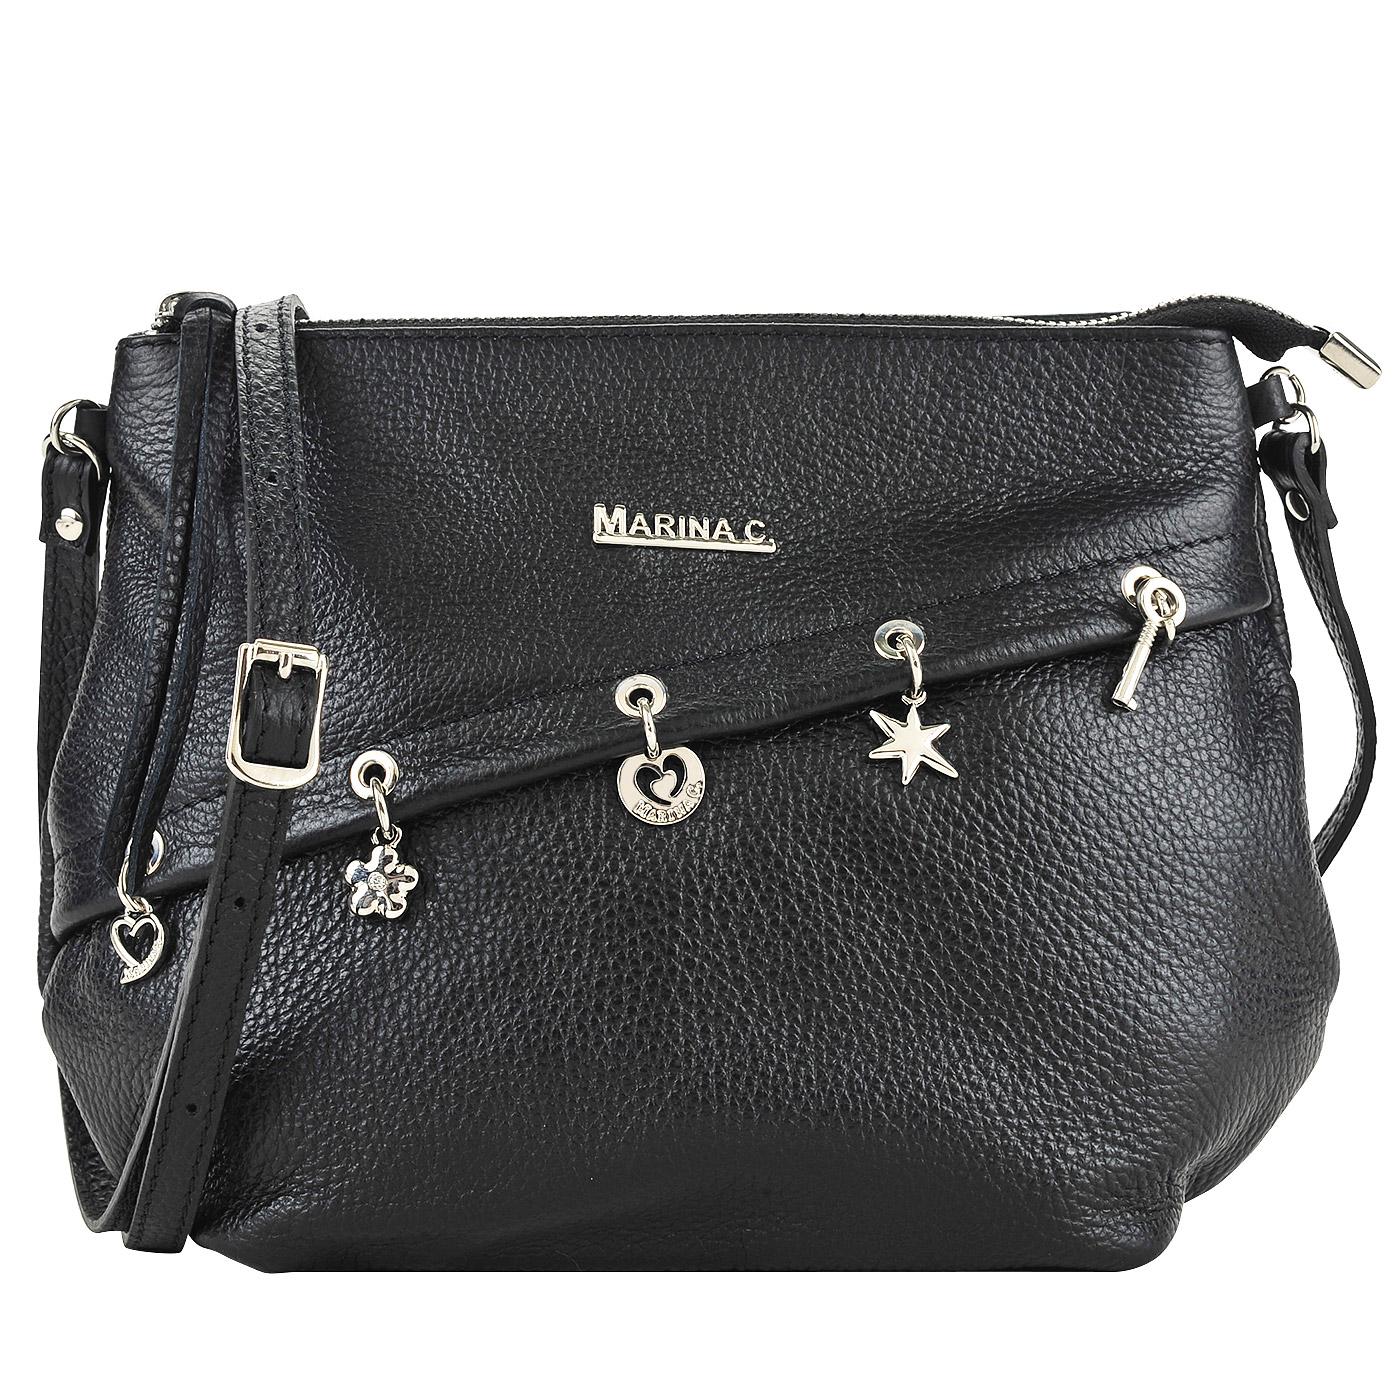 b65e0acf26d7 ... Женская кожаная сумка черного цвета через плечо Marina Creazioni ...